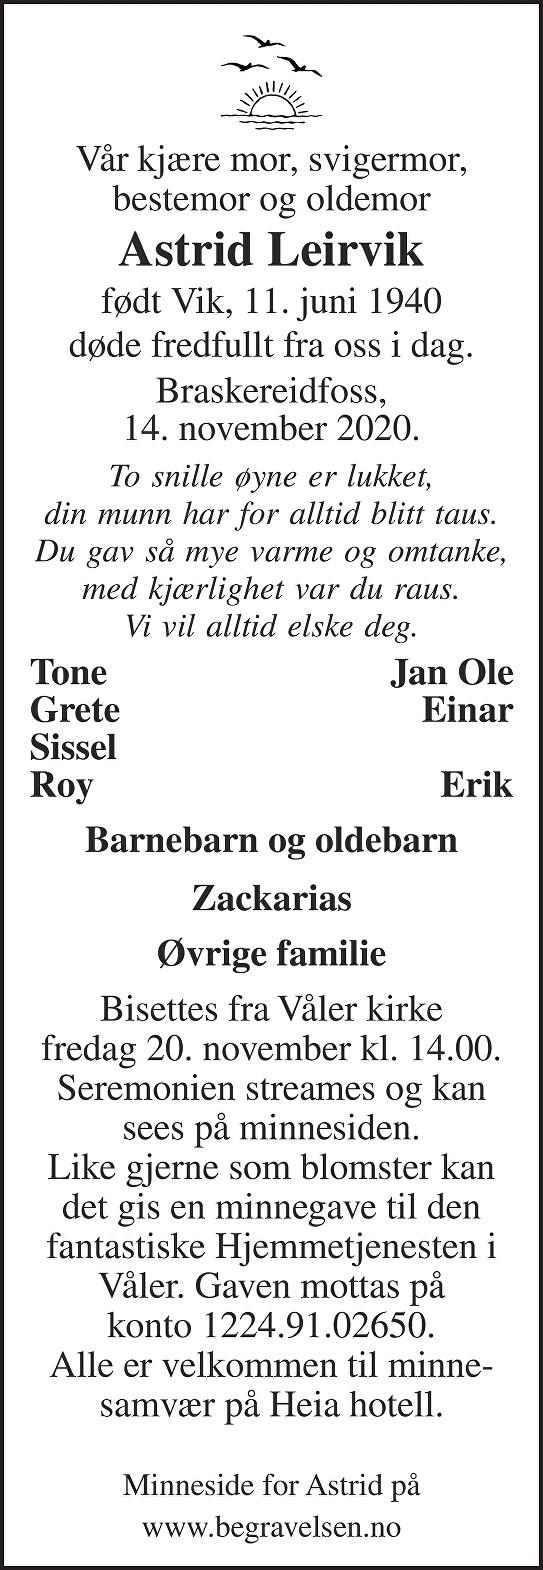 Astrid Leirvik Dødsannonse